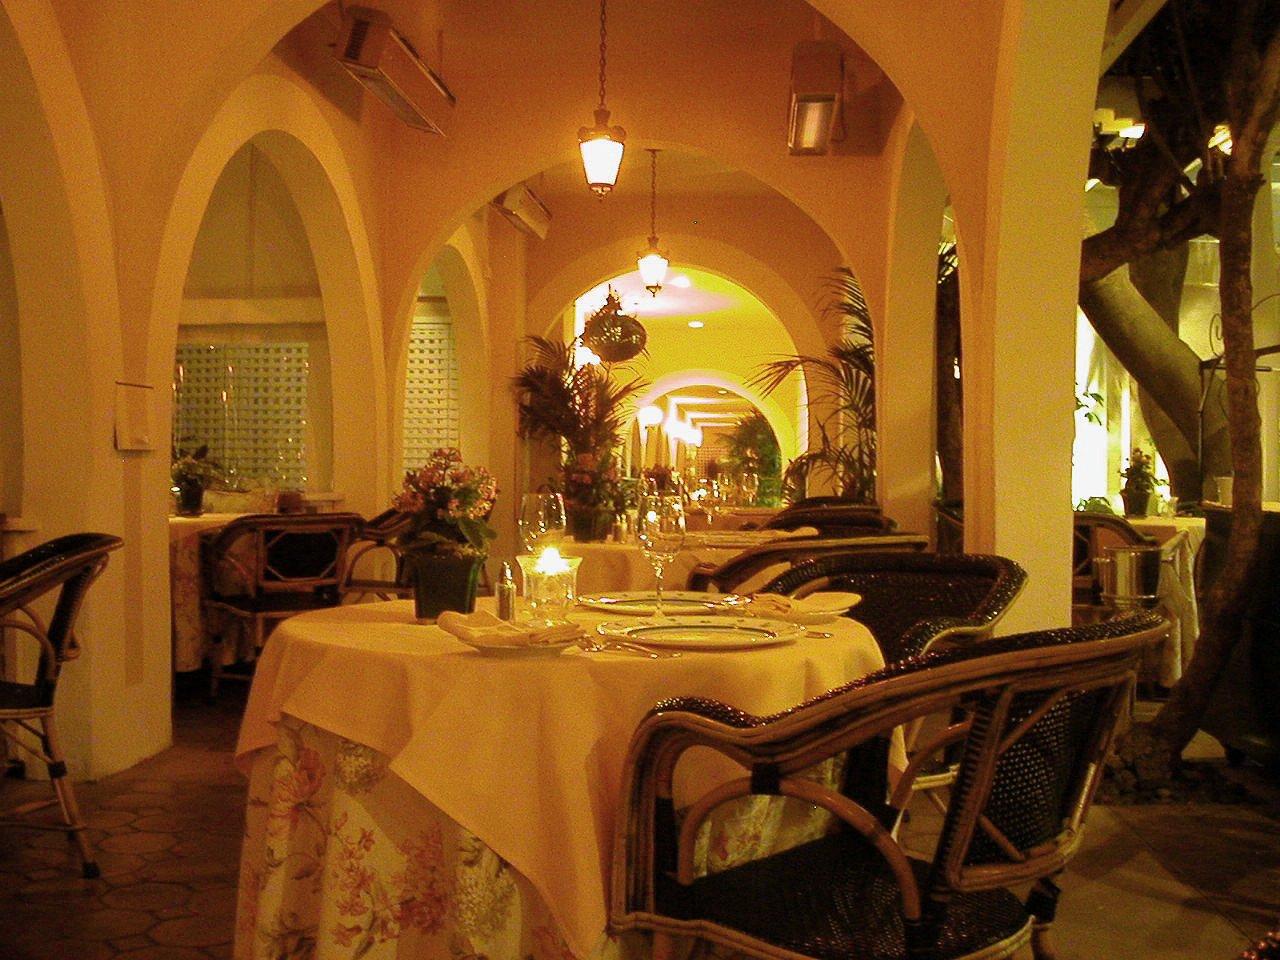 Bel Air Restaurant Abbesses Tripadvisor